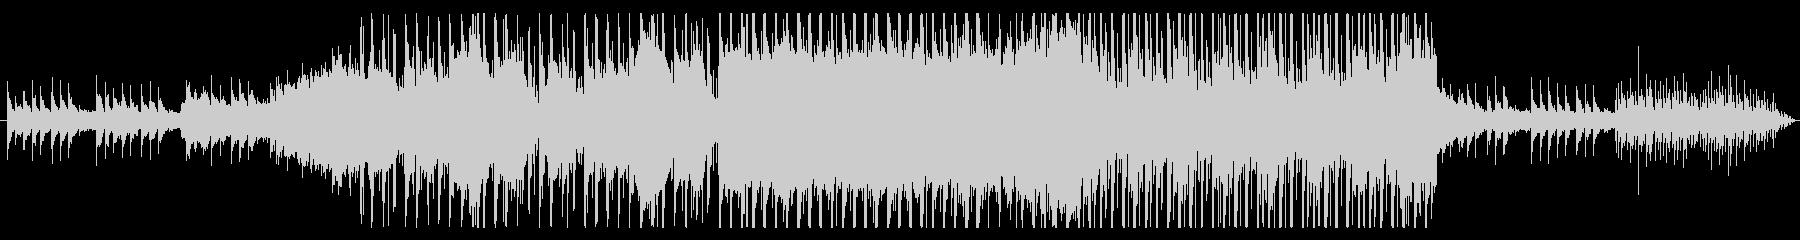 三味線風サウンドが印象的なEDMの未再生の波形